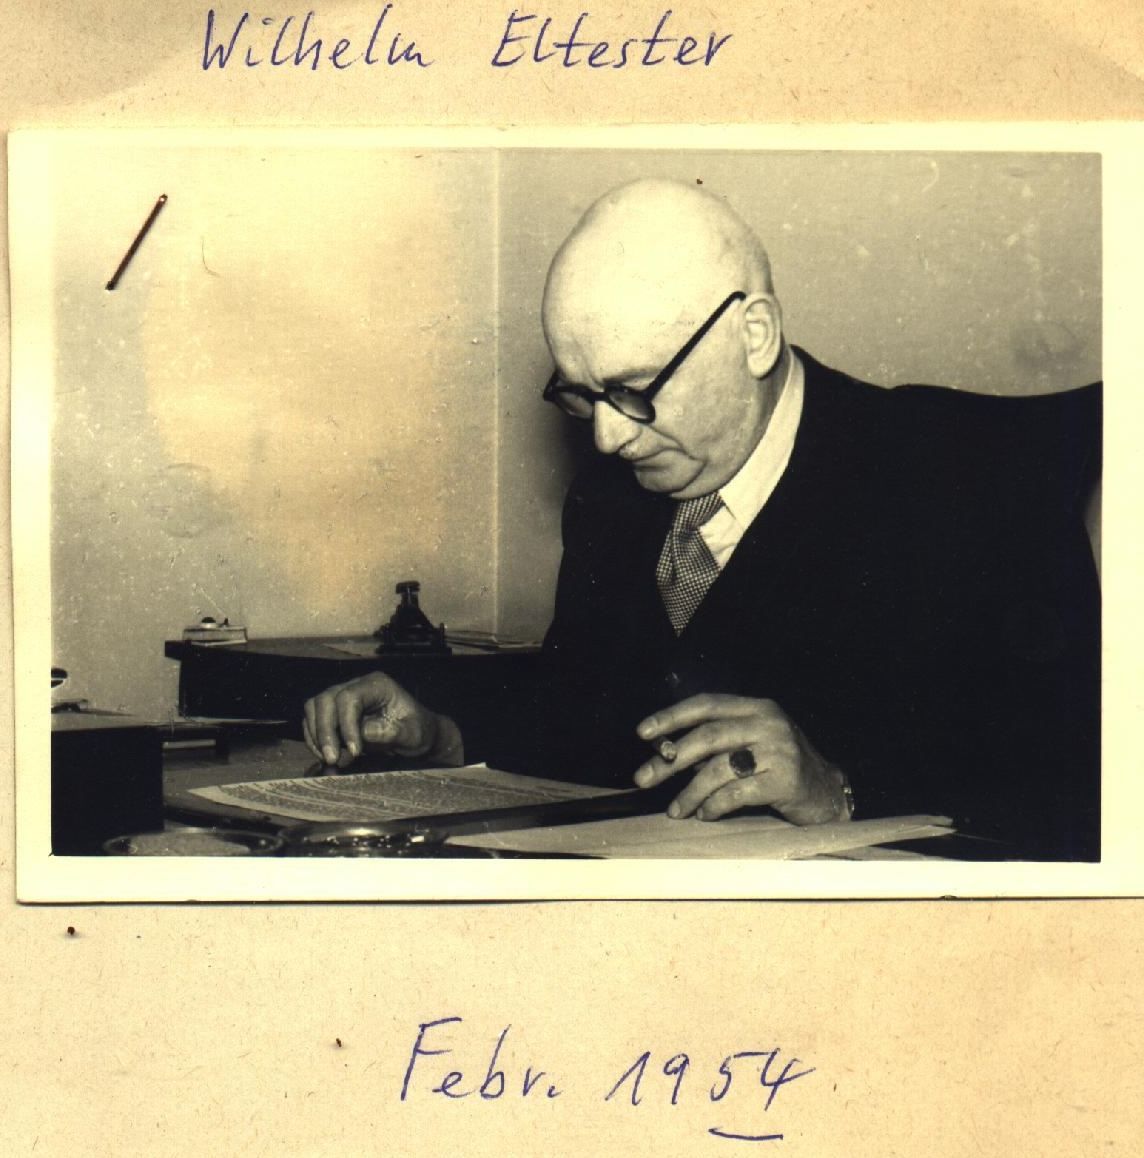 Wilhelm Eltester 1954